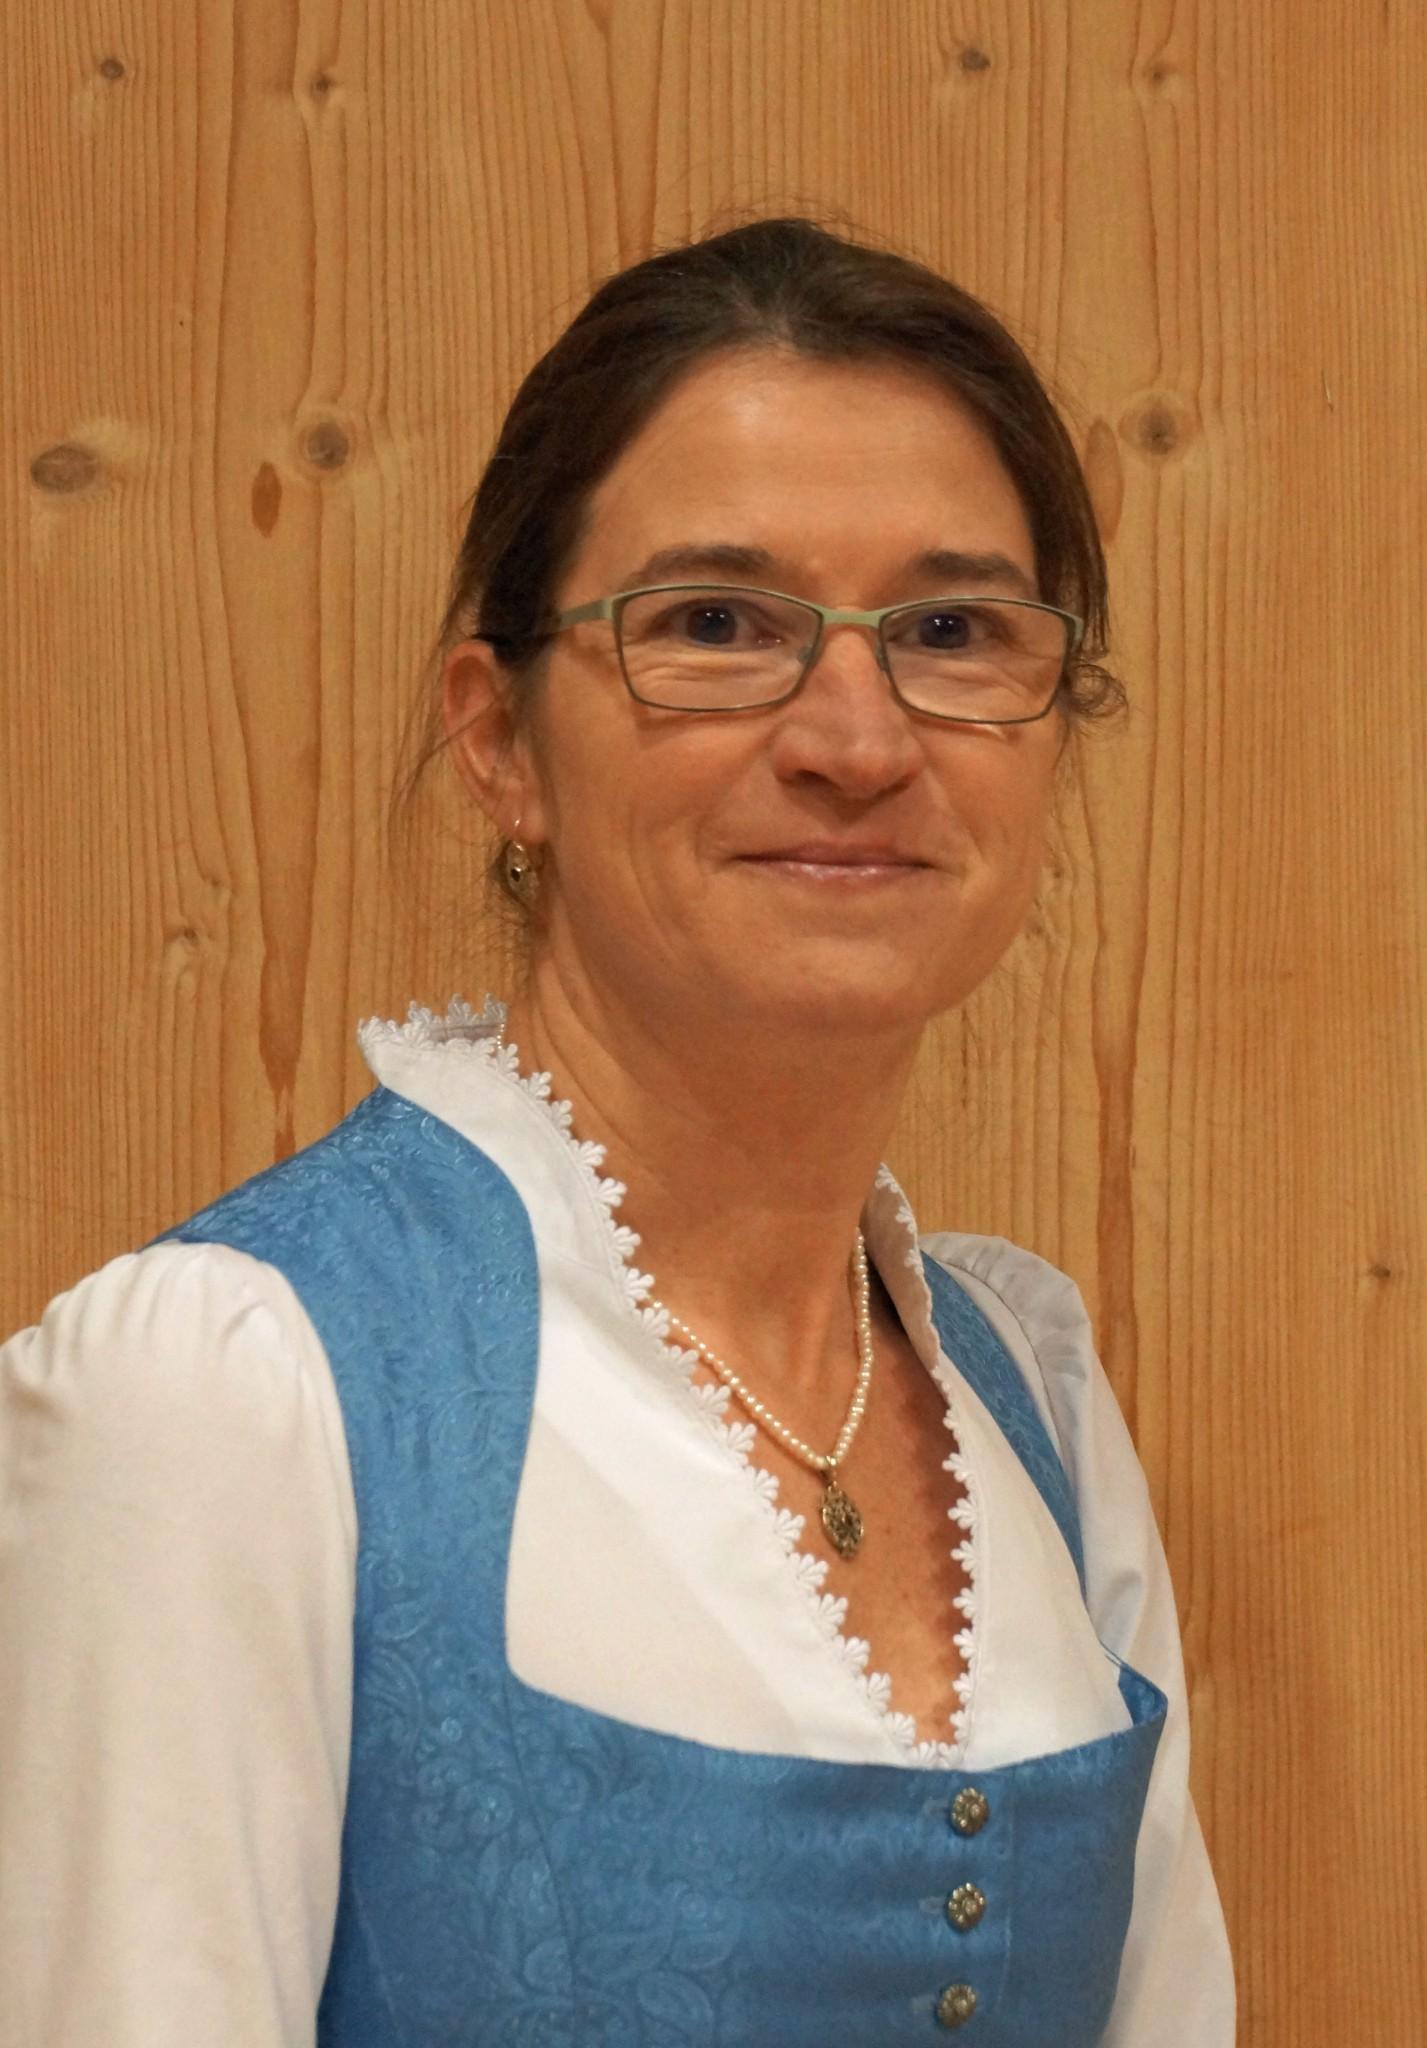 Andrea-Fürthner